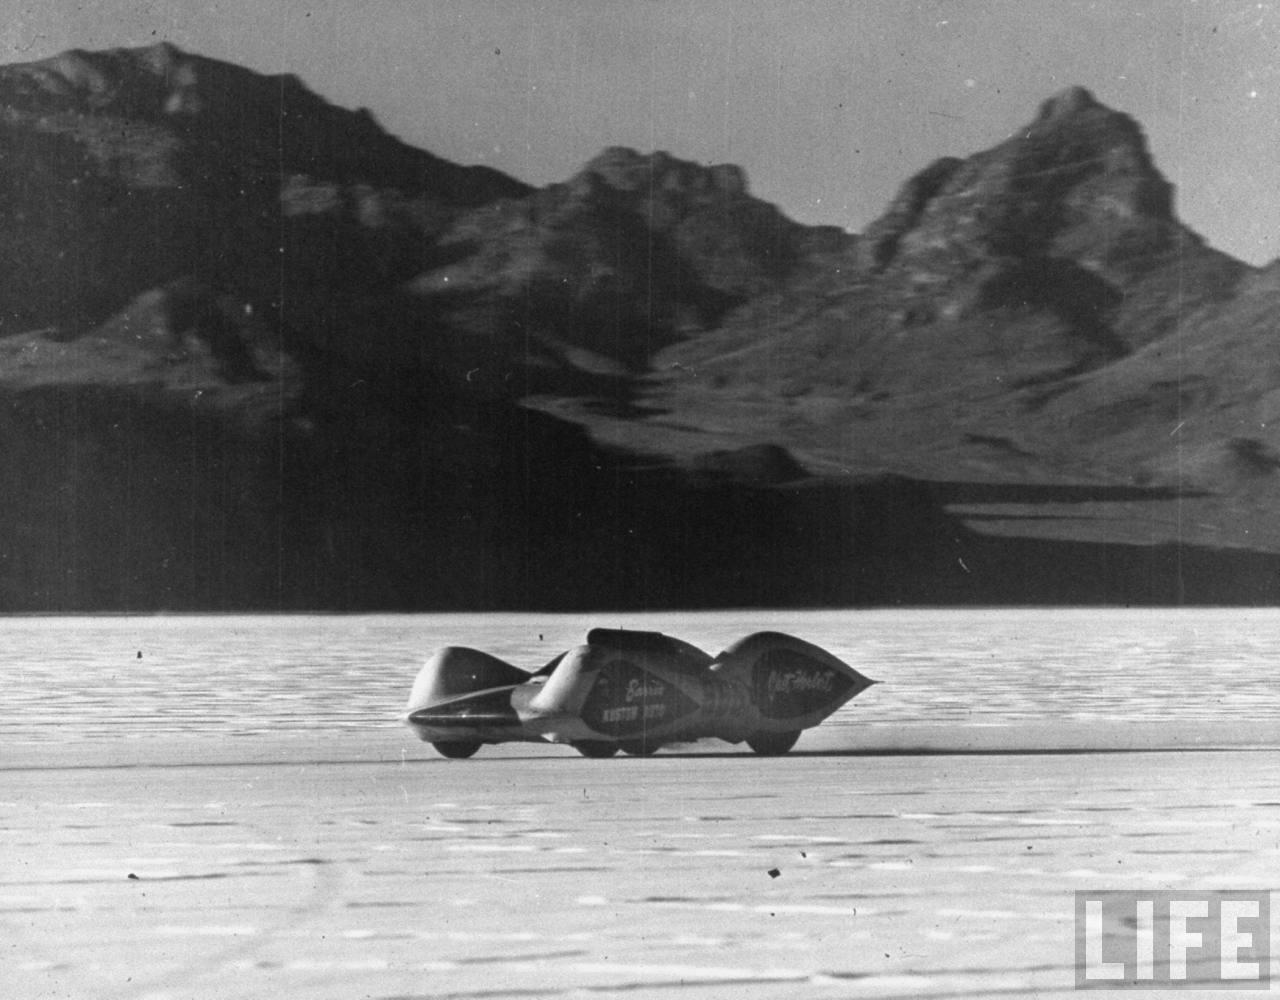 Chet Herbert's 'Beast 4' streamliner on the Bonneville Salt Flats - 1953 photo by JR Eyerman.jpg